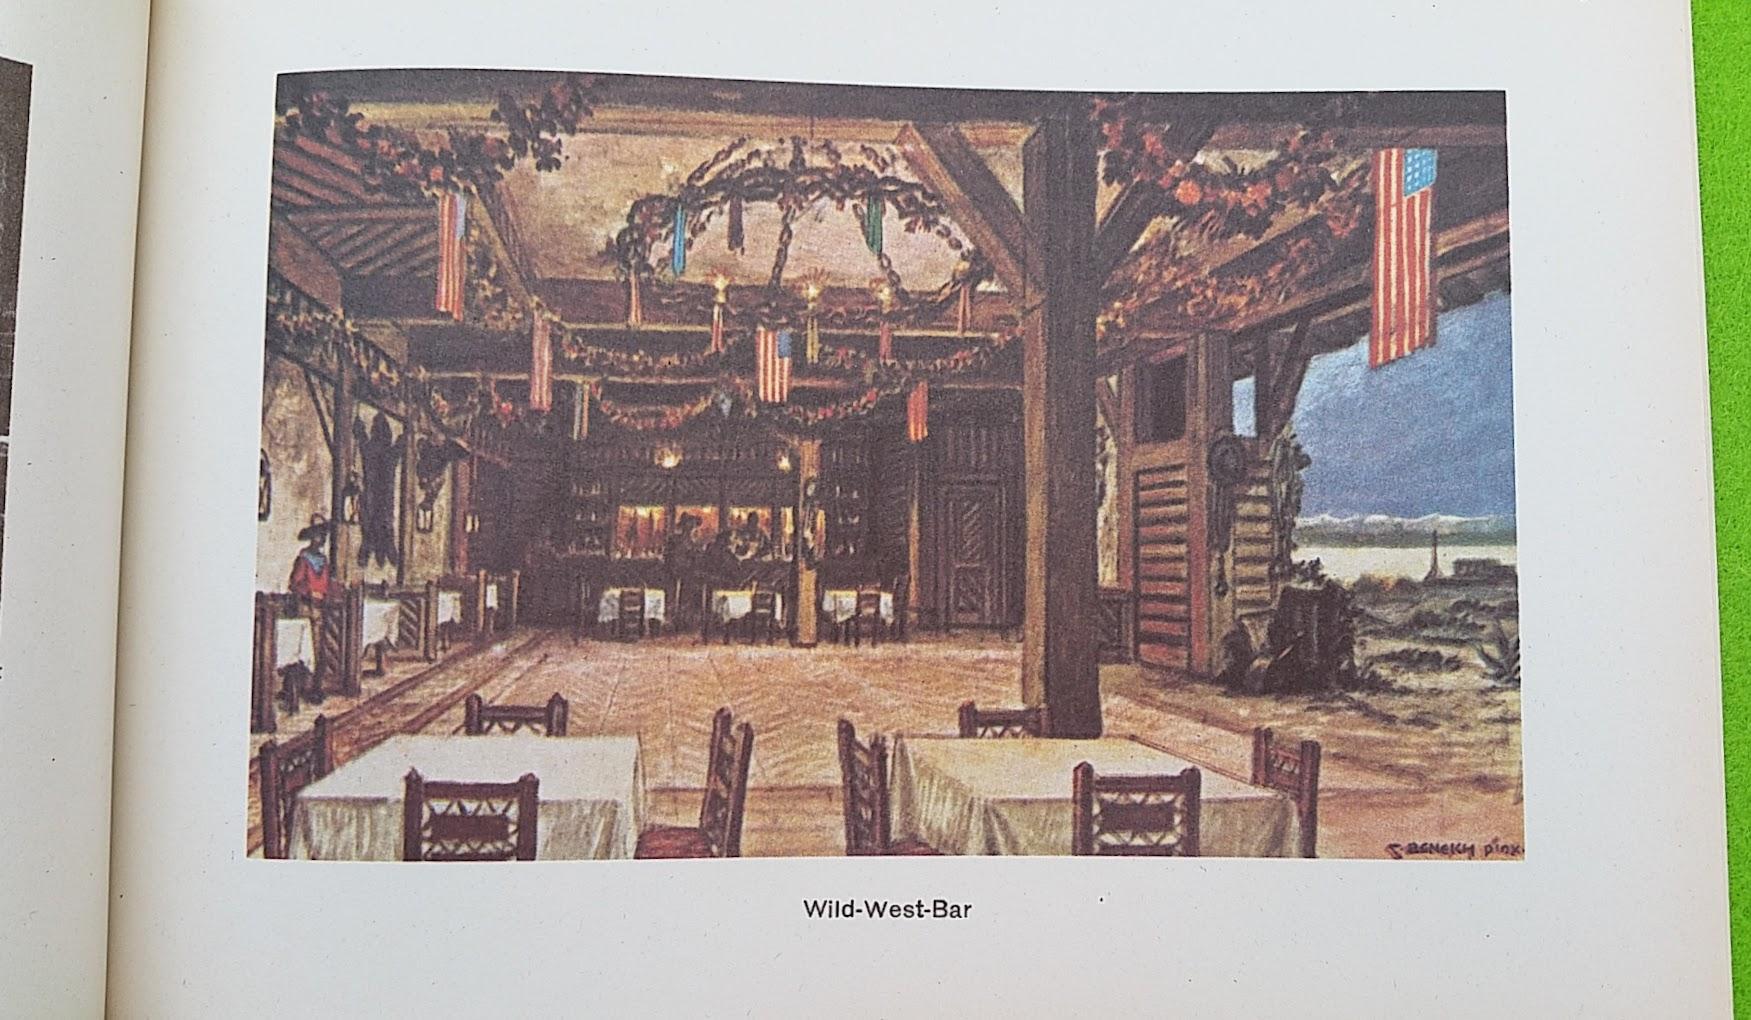 Begleitheft zur Eröffnung von Haus Vaterland am Potsdamer Platz, Berlin, 31. August 1928 - Wild-West-Bar